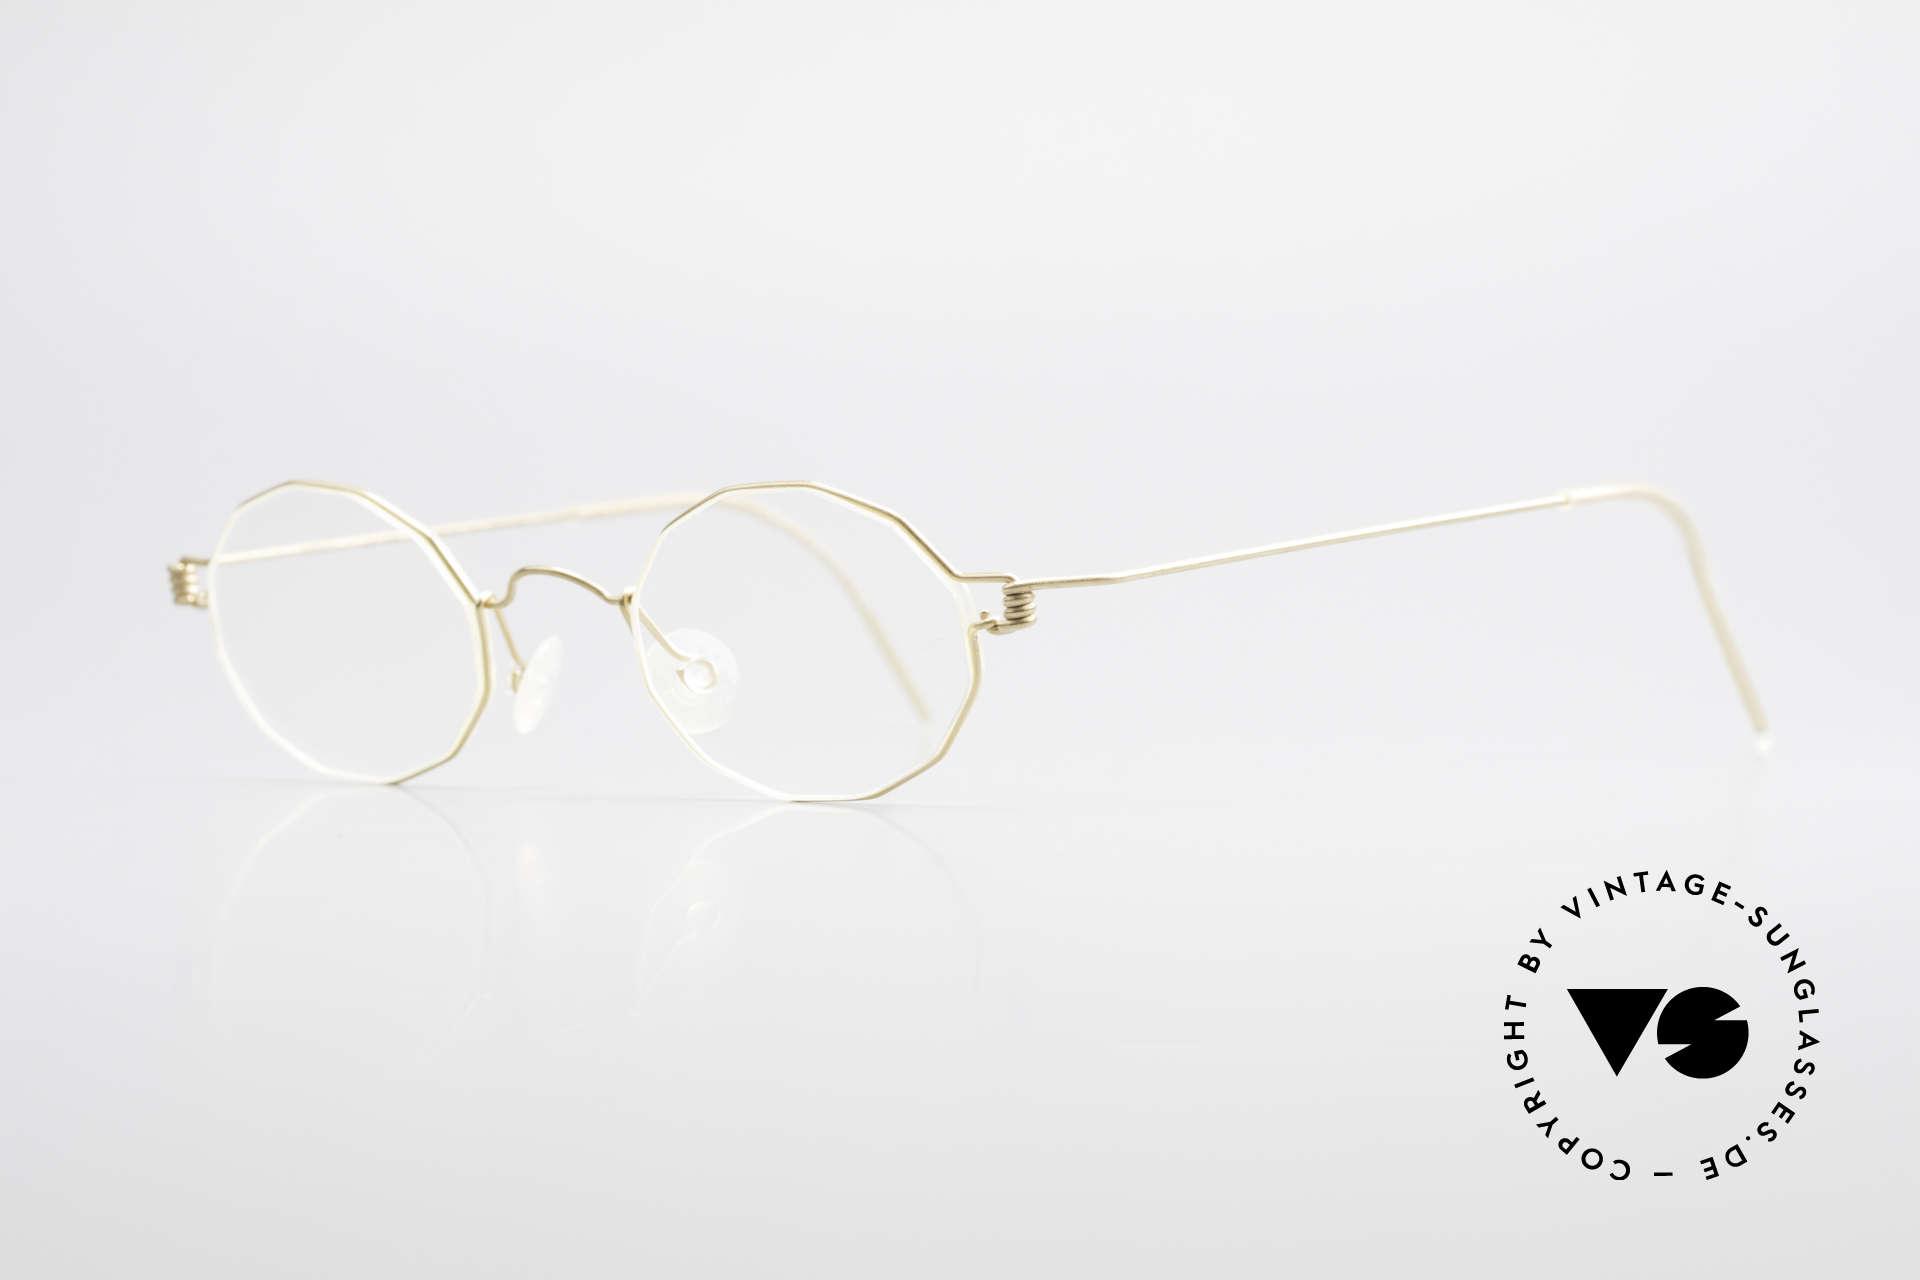 """Lindberg Zeta Air Titan Rim Small Titanium Brille Unisex, so zeitlos, stilvoll und innovativ = Prädikat """"VINTAGE"""", Passend für Herren und Damen"""